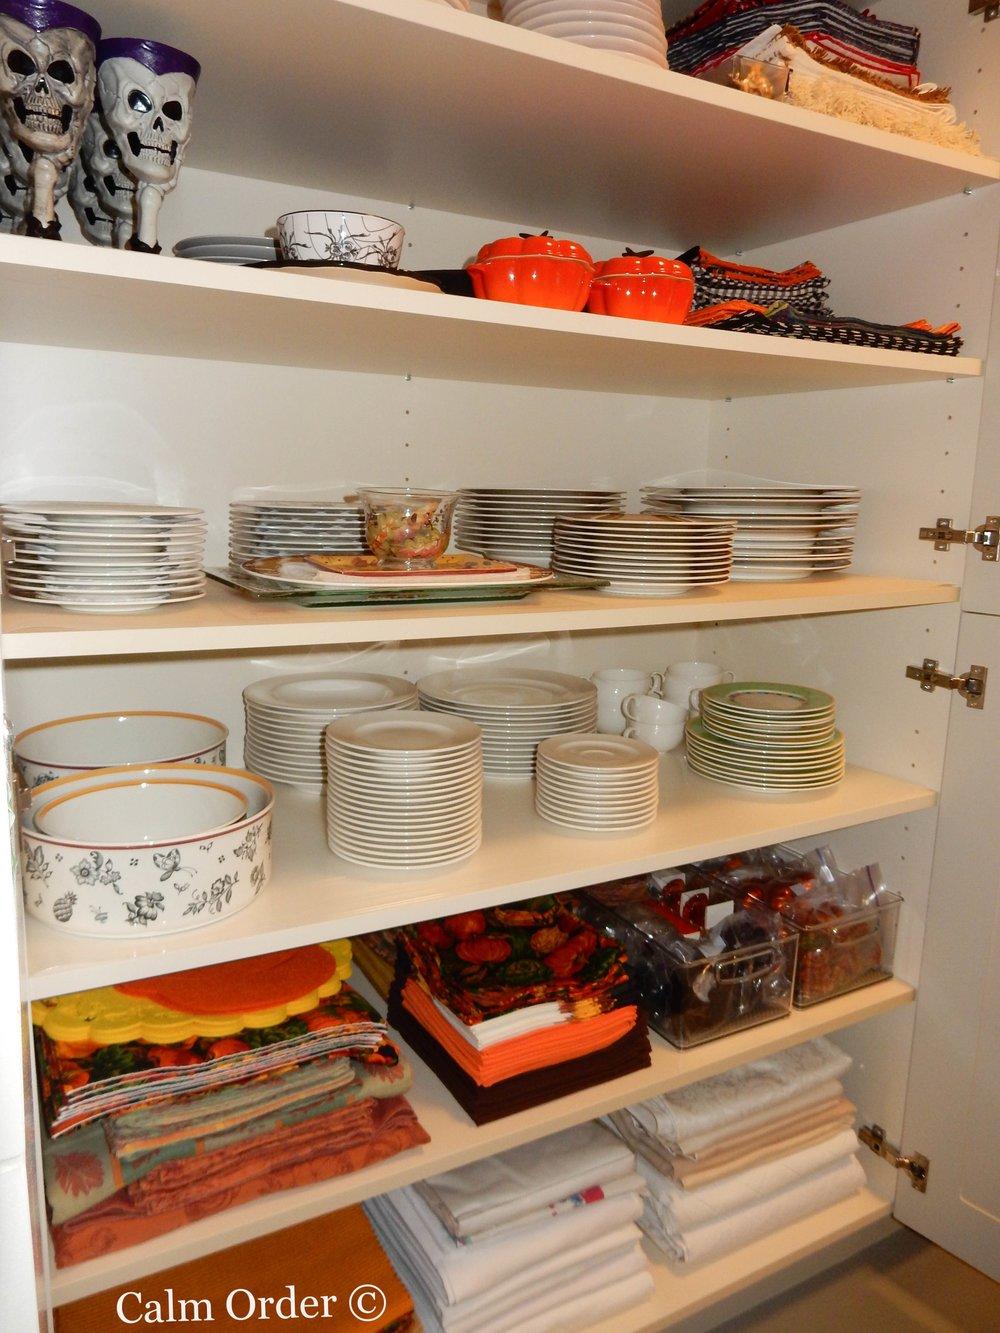 Calm Order - Storage cabinet